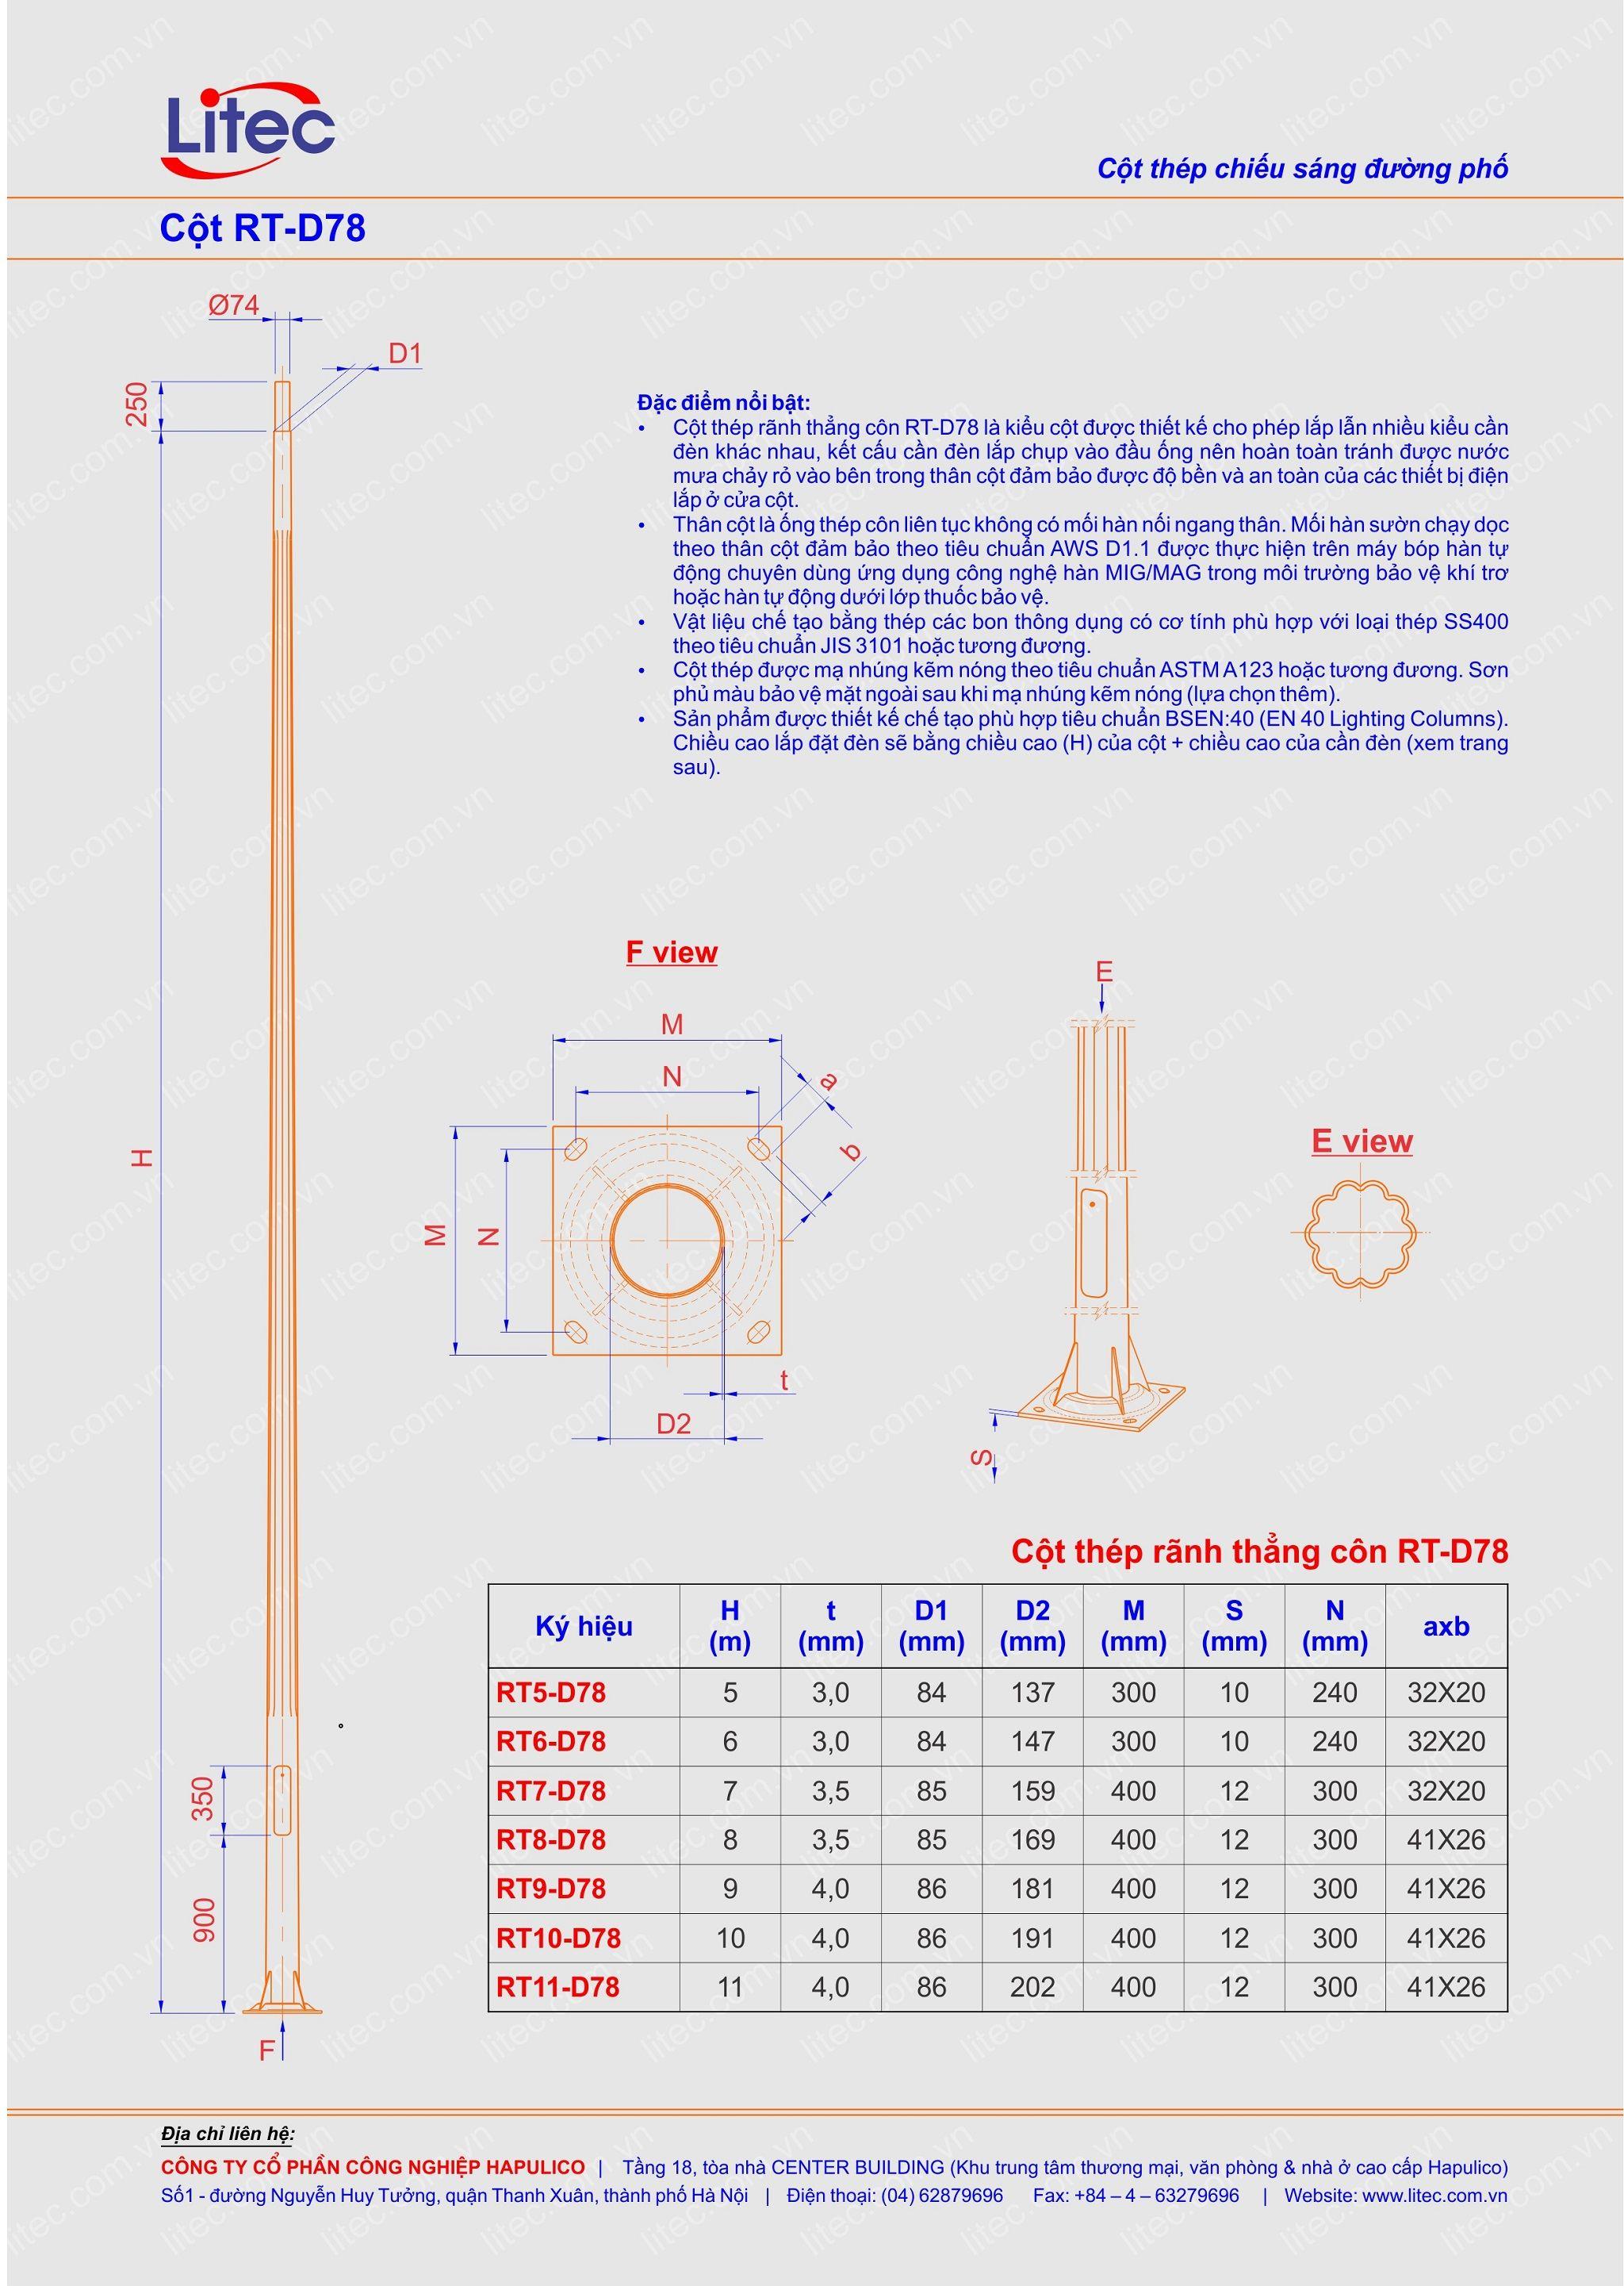 Cột đèn rời cần thân kẻ côn thẳng 6M 7M 8M 9M 10M 11M